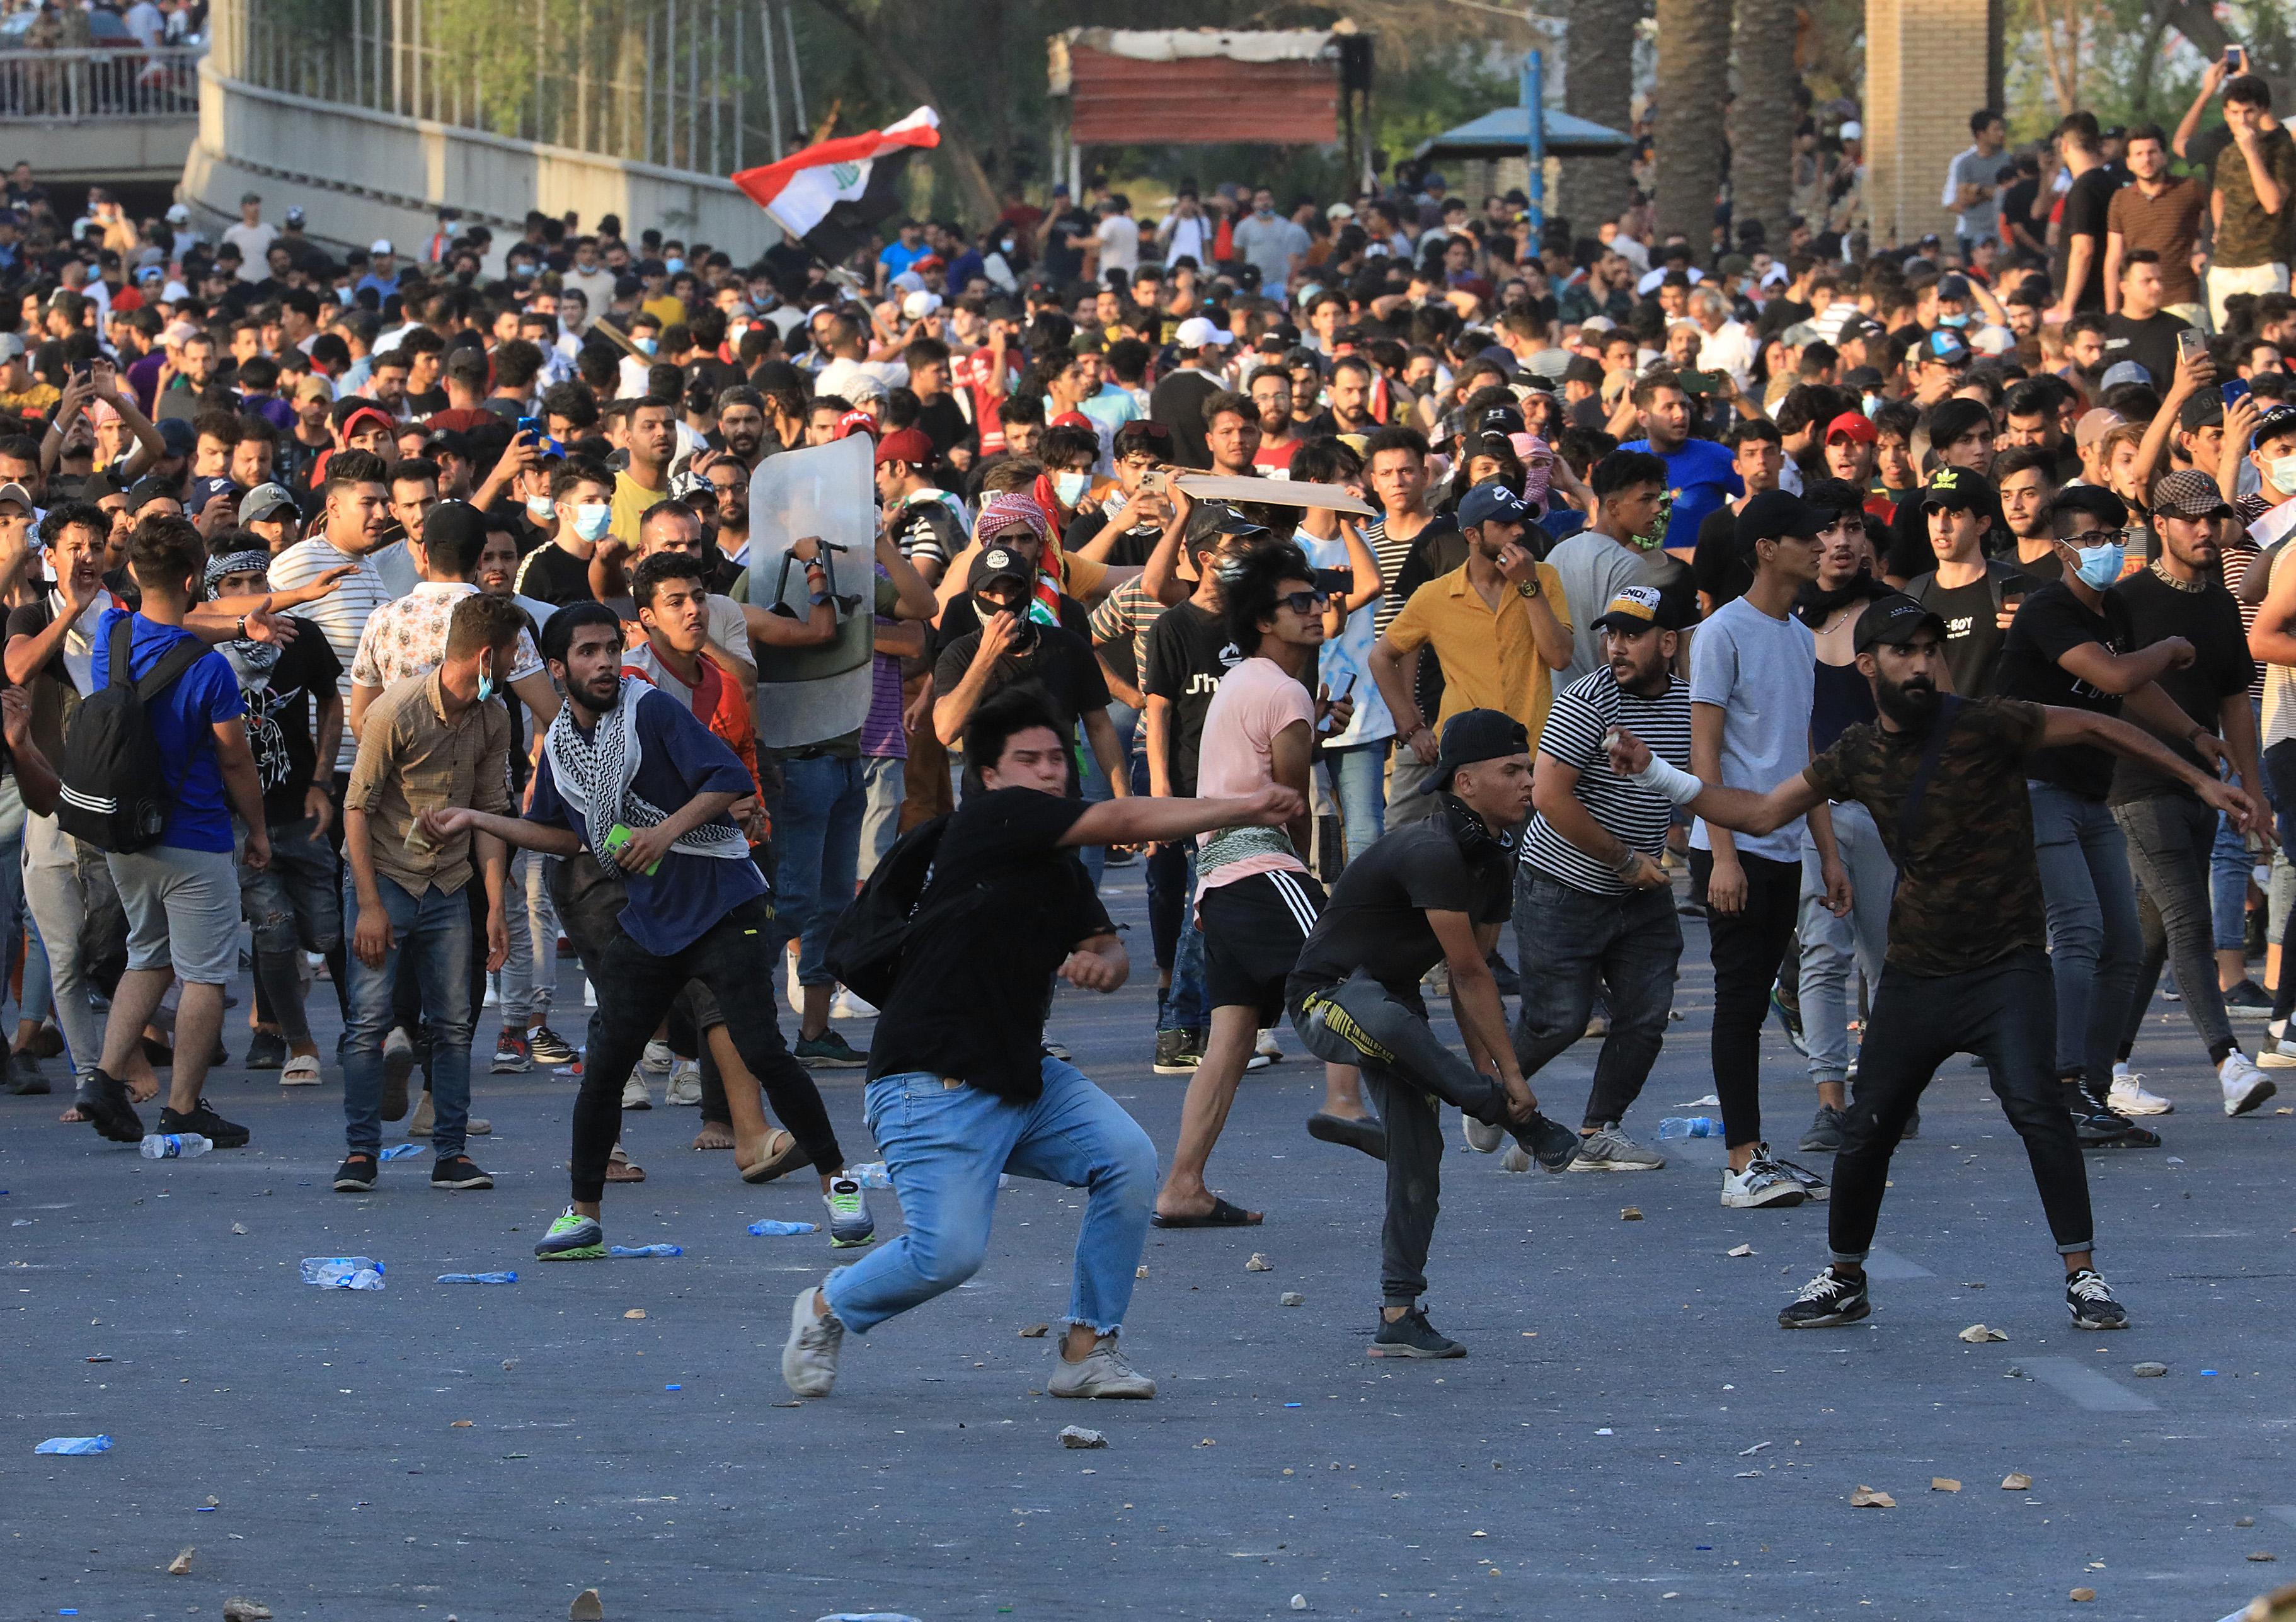 (Os manifestantes, que estavam cercados por uma significativa força policial, vinham de Bagdá e também de outras cidades como Karbala, Najaf e Nasiriya, cenários de assassinatos de pelo menos 70 militantes pró-democracia. Foto: AHMAD AL-RUBAYE / AFP)